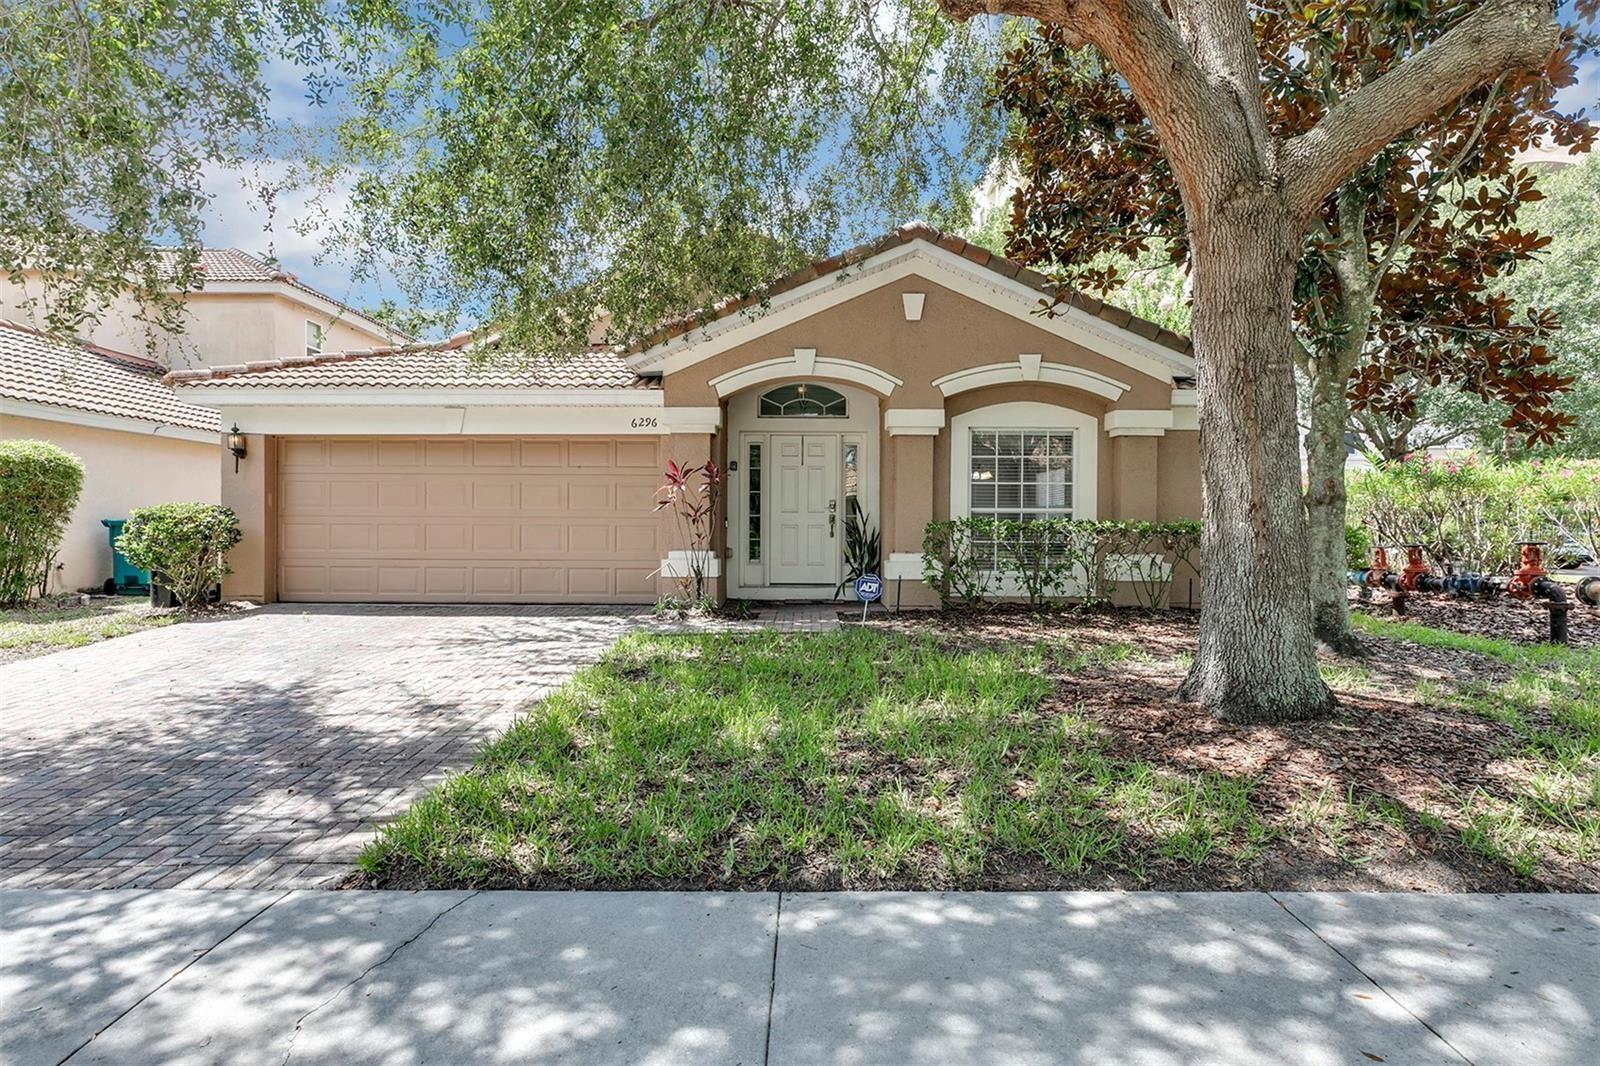 6296 BUFORD STREET, Orlando, FL 32835 - #: O5959027